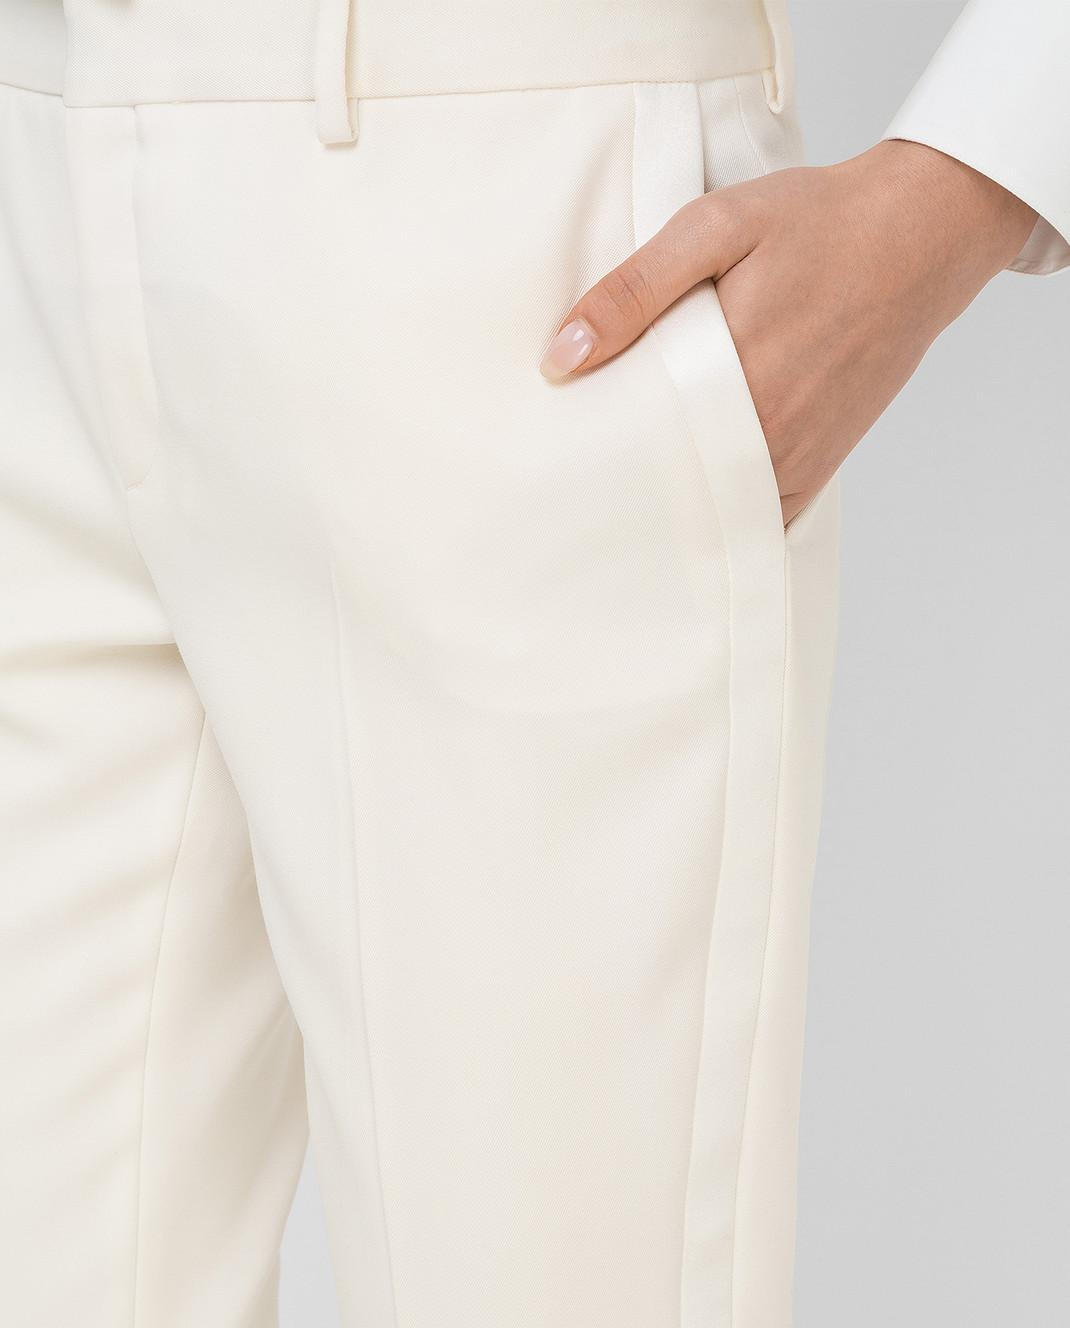 Saint Laurent Светло-бежевые брюки из шерсти 516111 изображение 5